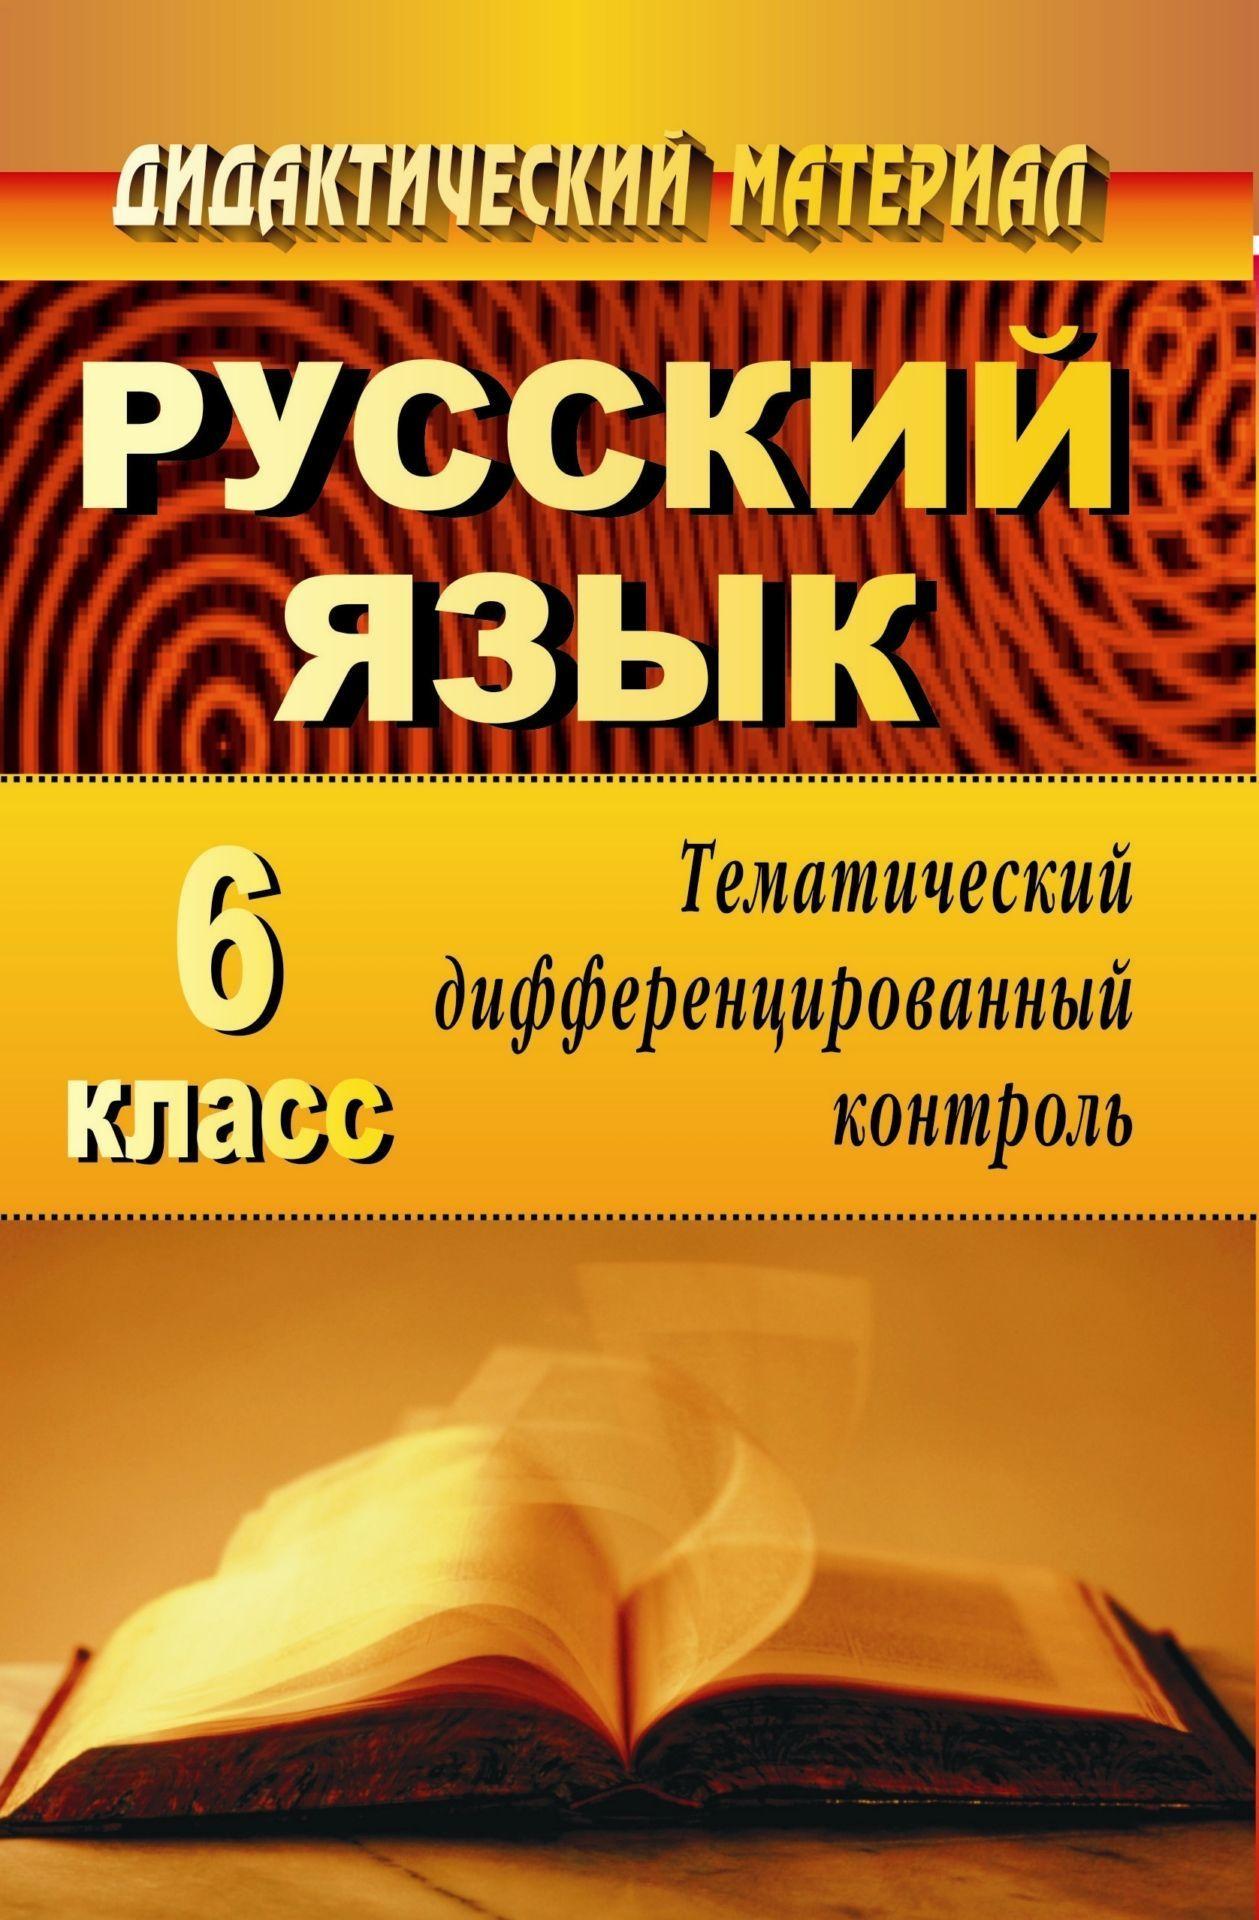 Русский язык. 6 класс: тематический дифференцированный контрольПредметы<br>Эффективный контроль знаний учащихся всегда составляет важнейшее направление работы преподавателя. В пособии представлены задания для тематического дифференцированного контроля знаний учащихся по русскому языку в 6 классе, составленные в соответствии с Пр...<br><br>Авторы: др., Шарова Н. А., Божко Н. М.<br>Год: 2008<br>Серия: Дидактический материал<br>ISBN: 978-5-7057-1359-2<br>Высота: 213<br>Ширина: 138<br>Толщина: 17